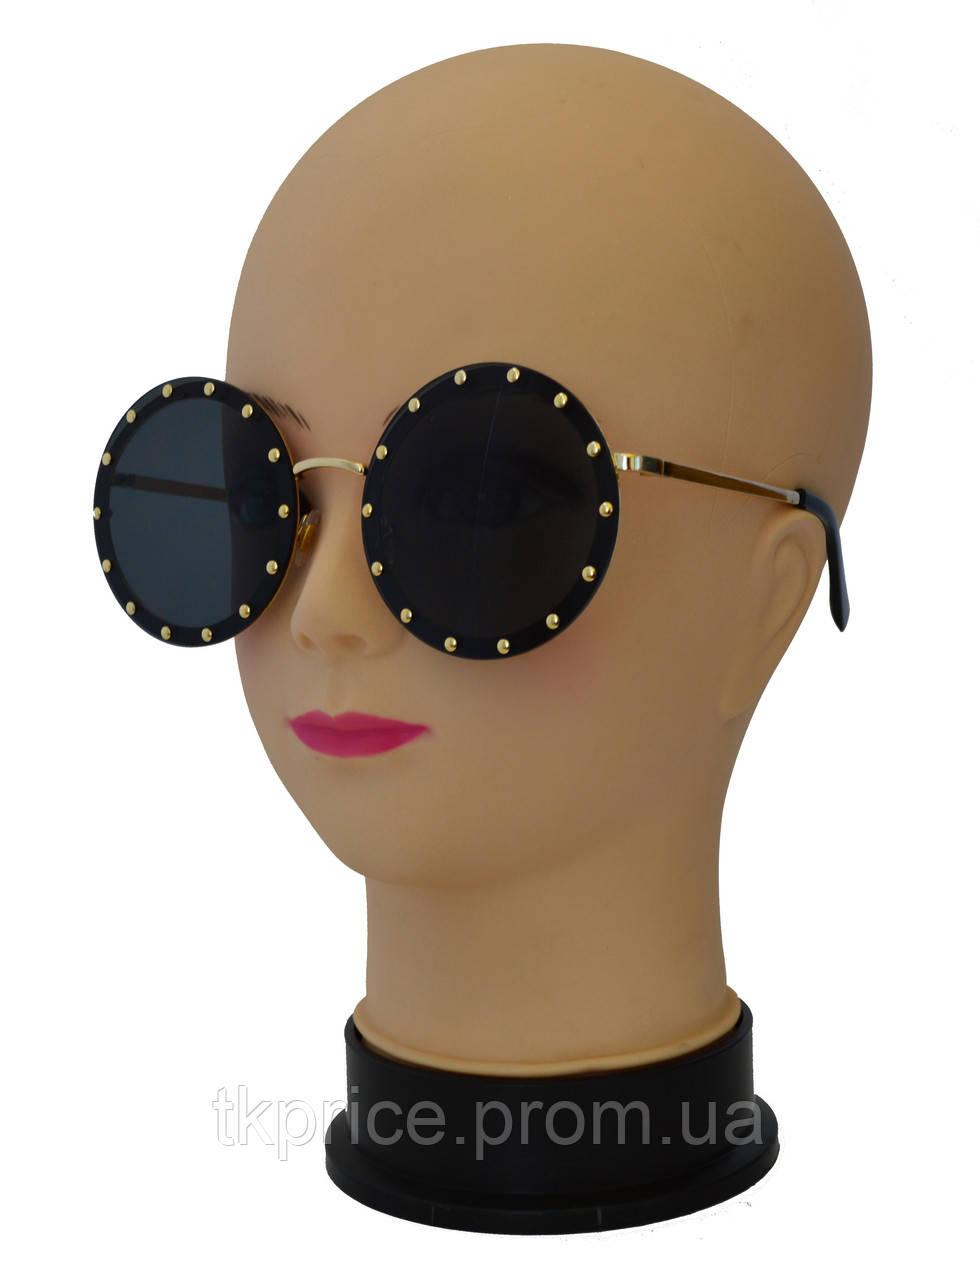 Женские стильные солнцезащитные очки, сонцезахисні окуляри 2010